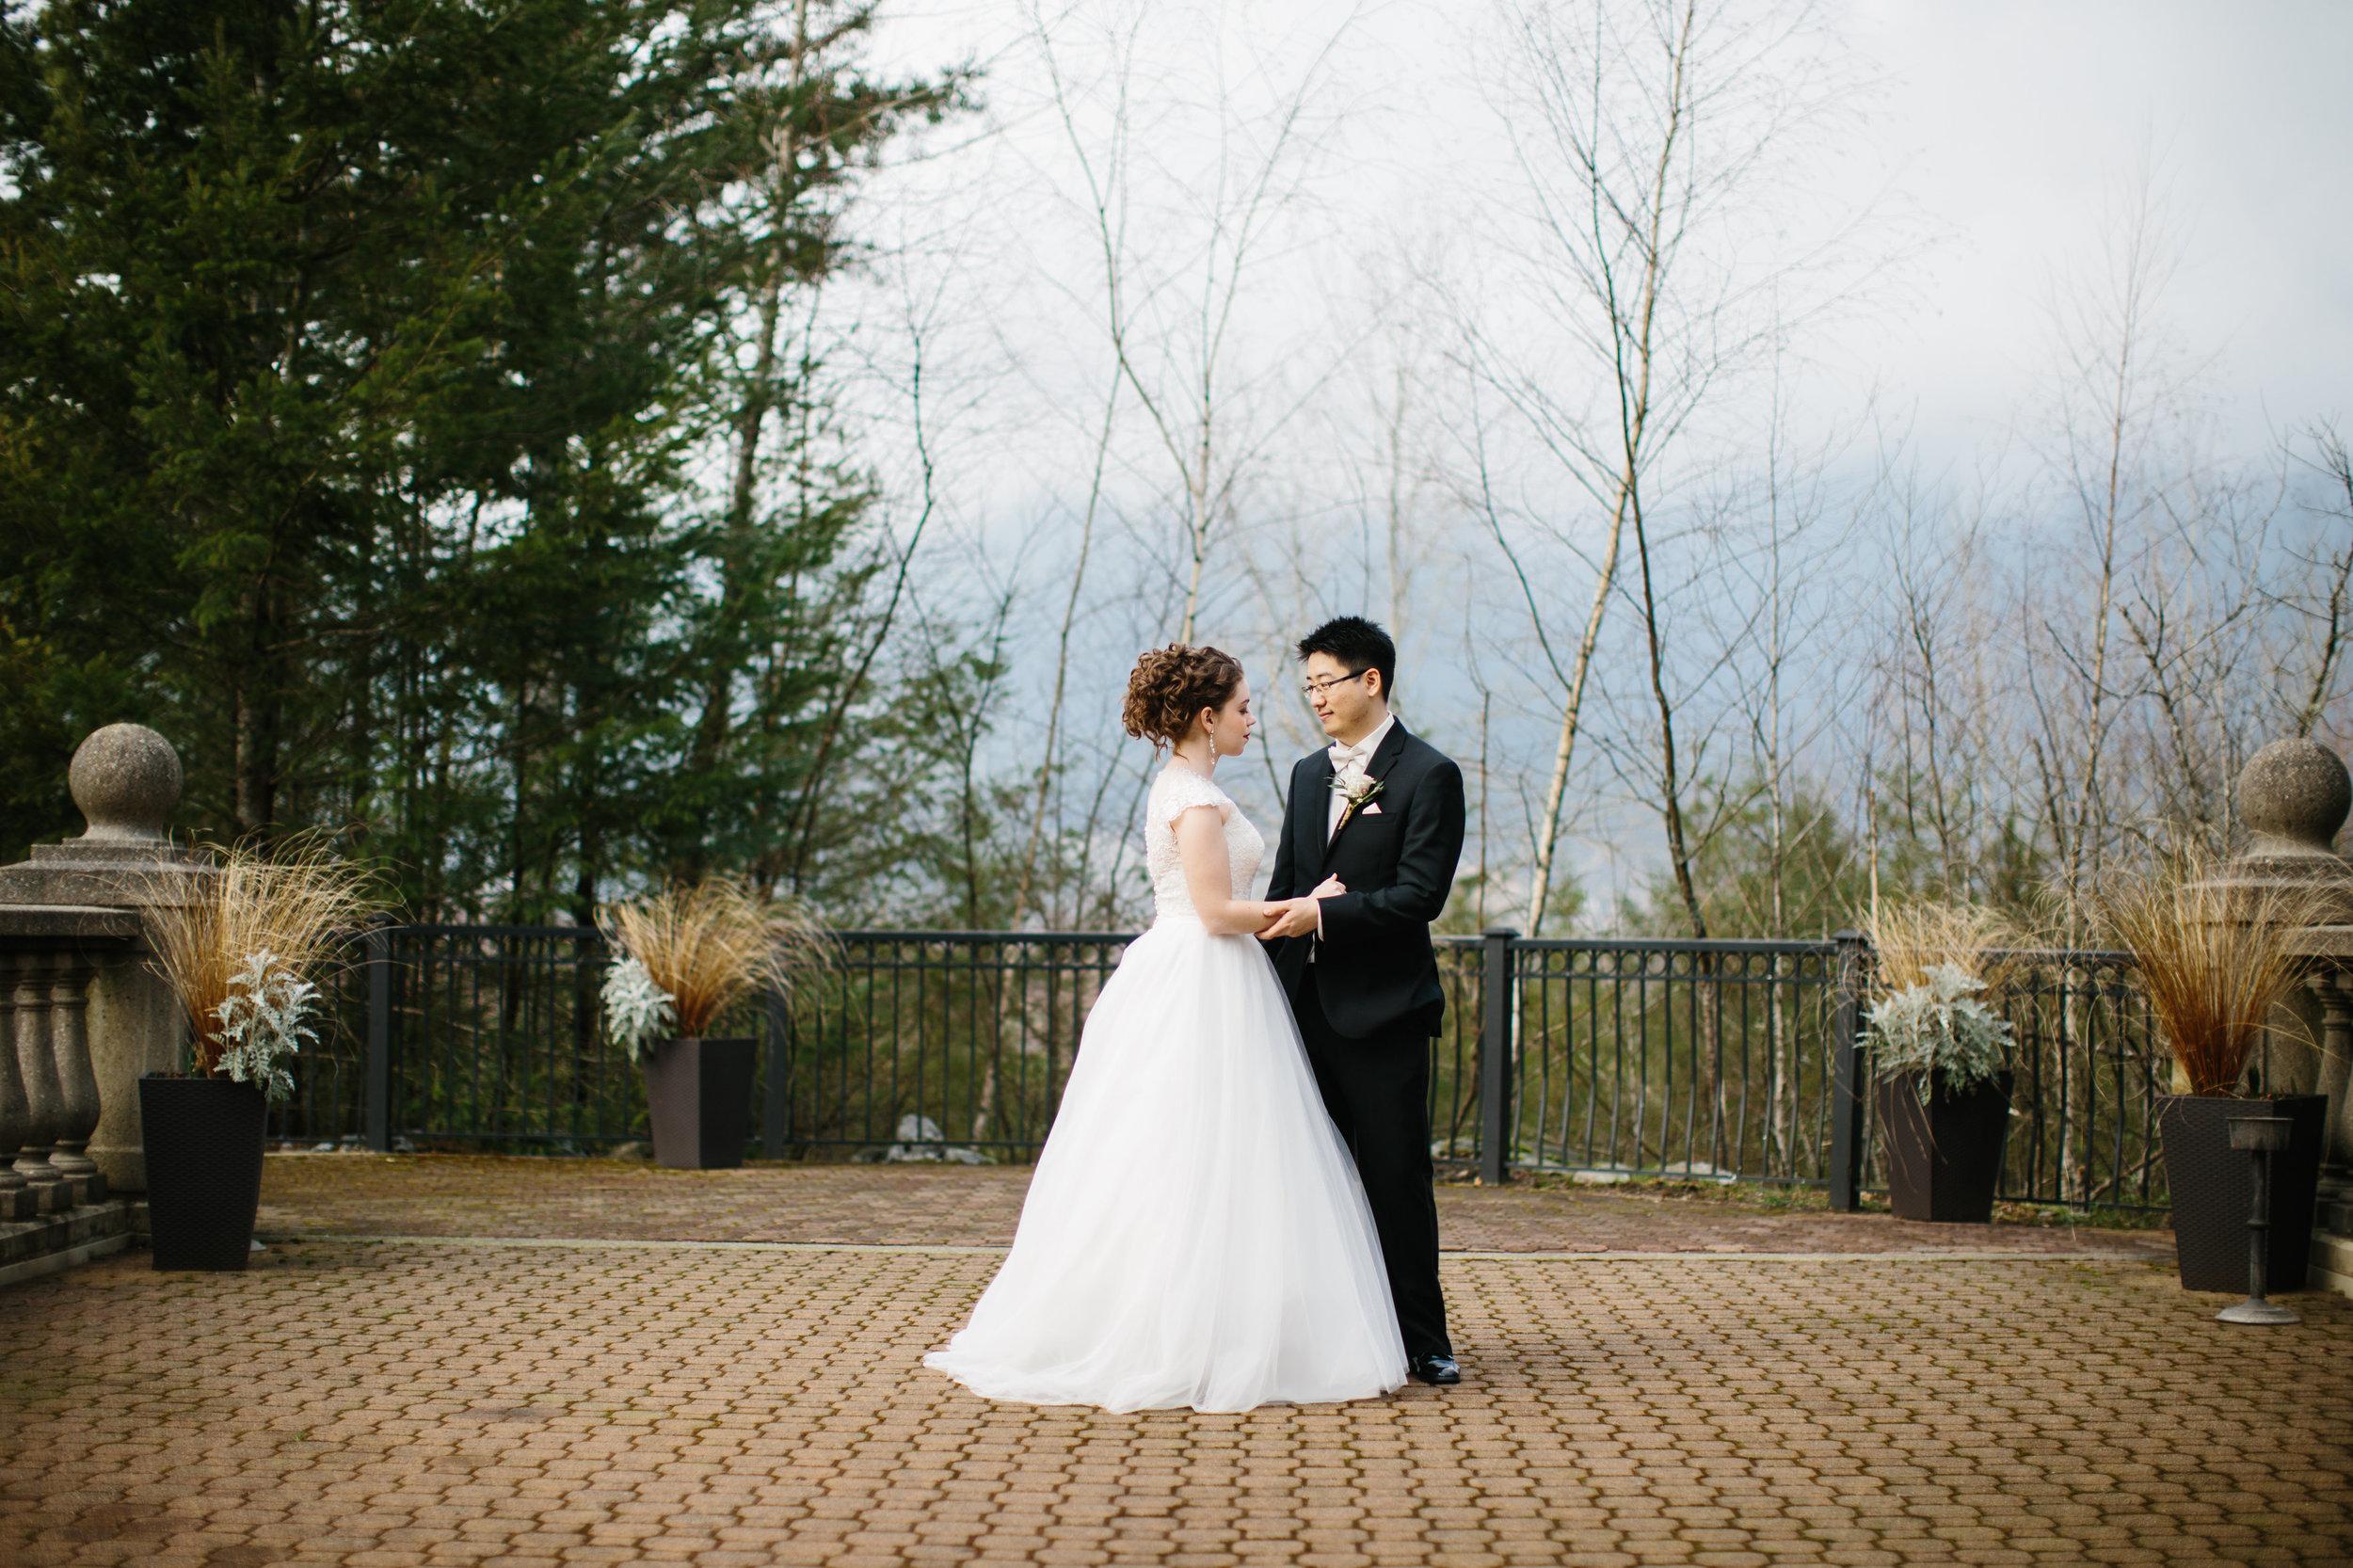 Tim Rachel-Wedding Highlights-0054.jpg